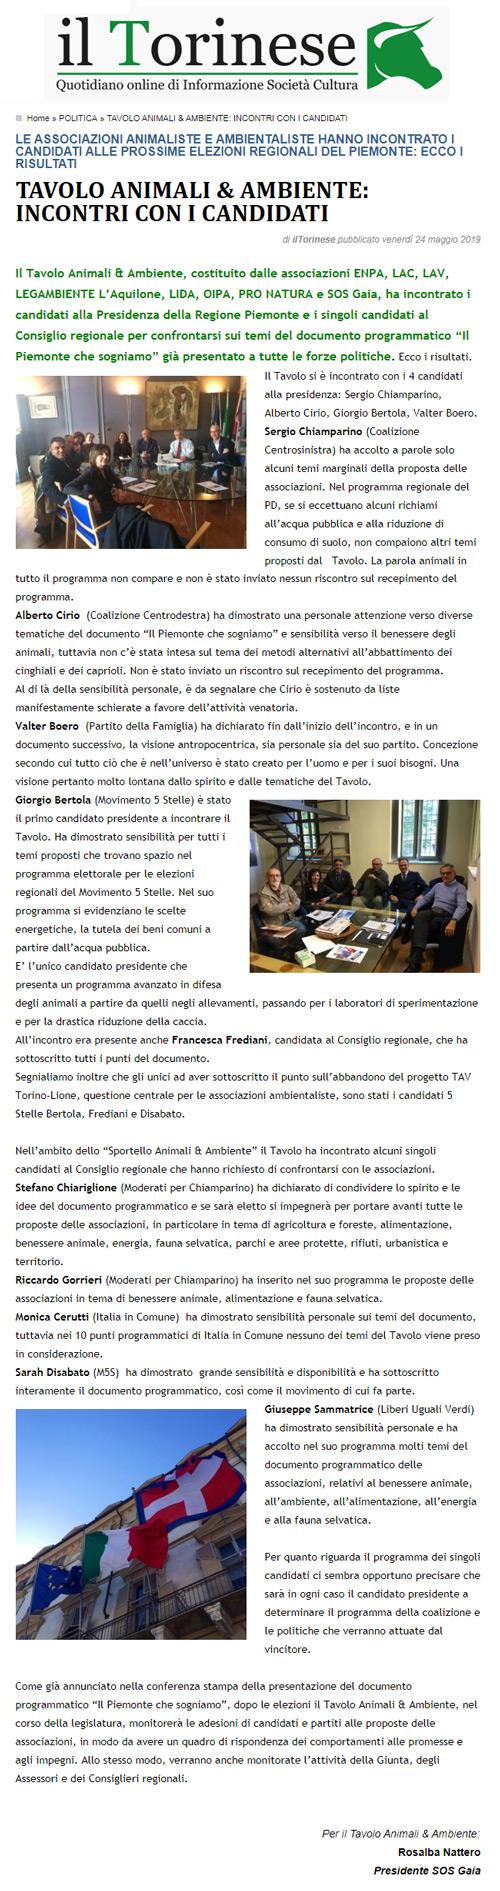 il-torinese-24-05-2019-tavolo-animali-ambiente-incontri-con-i-candidati